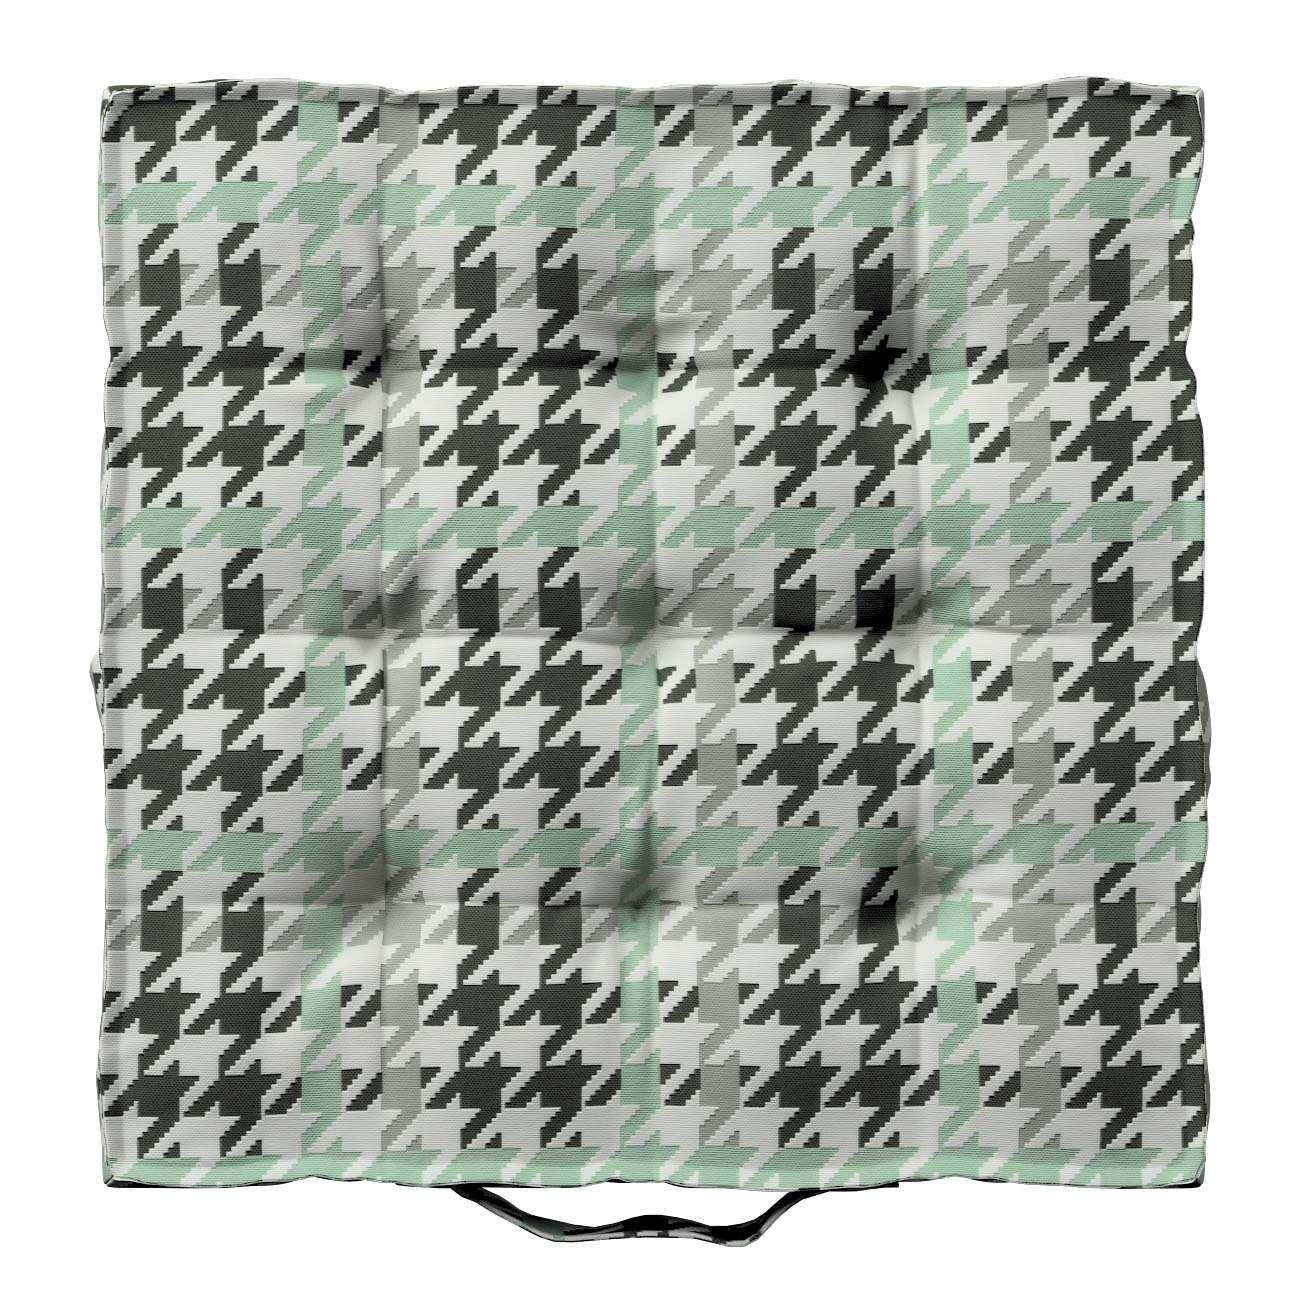 Pagalvėlė Kuba kėdei/ant grindų 40 x 40 x 6 cm kolekcijoje Brooklyn, audinys: 137-77